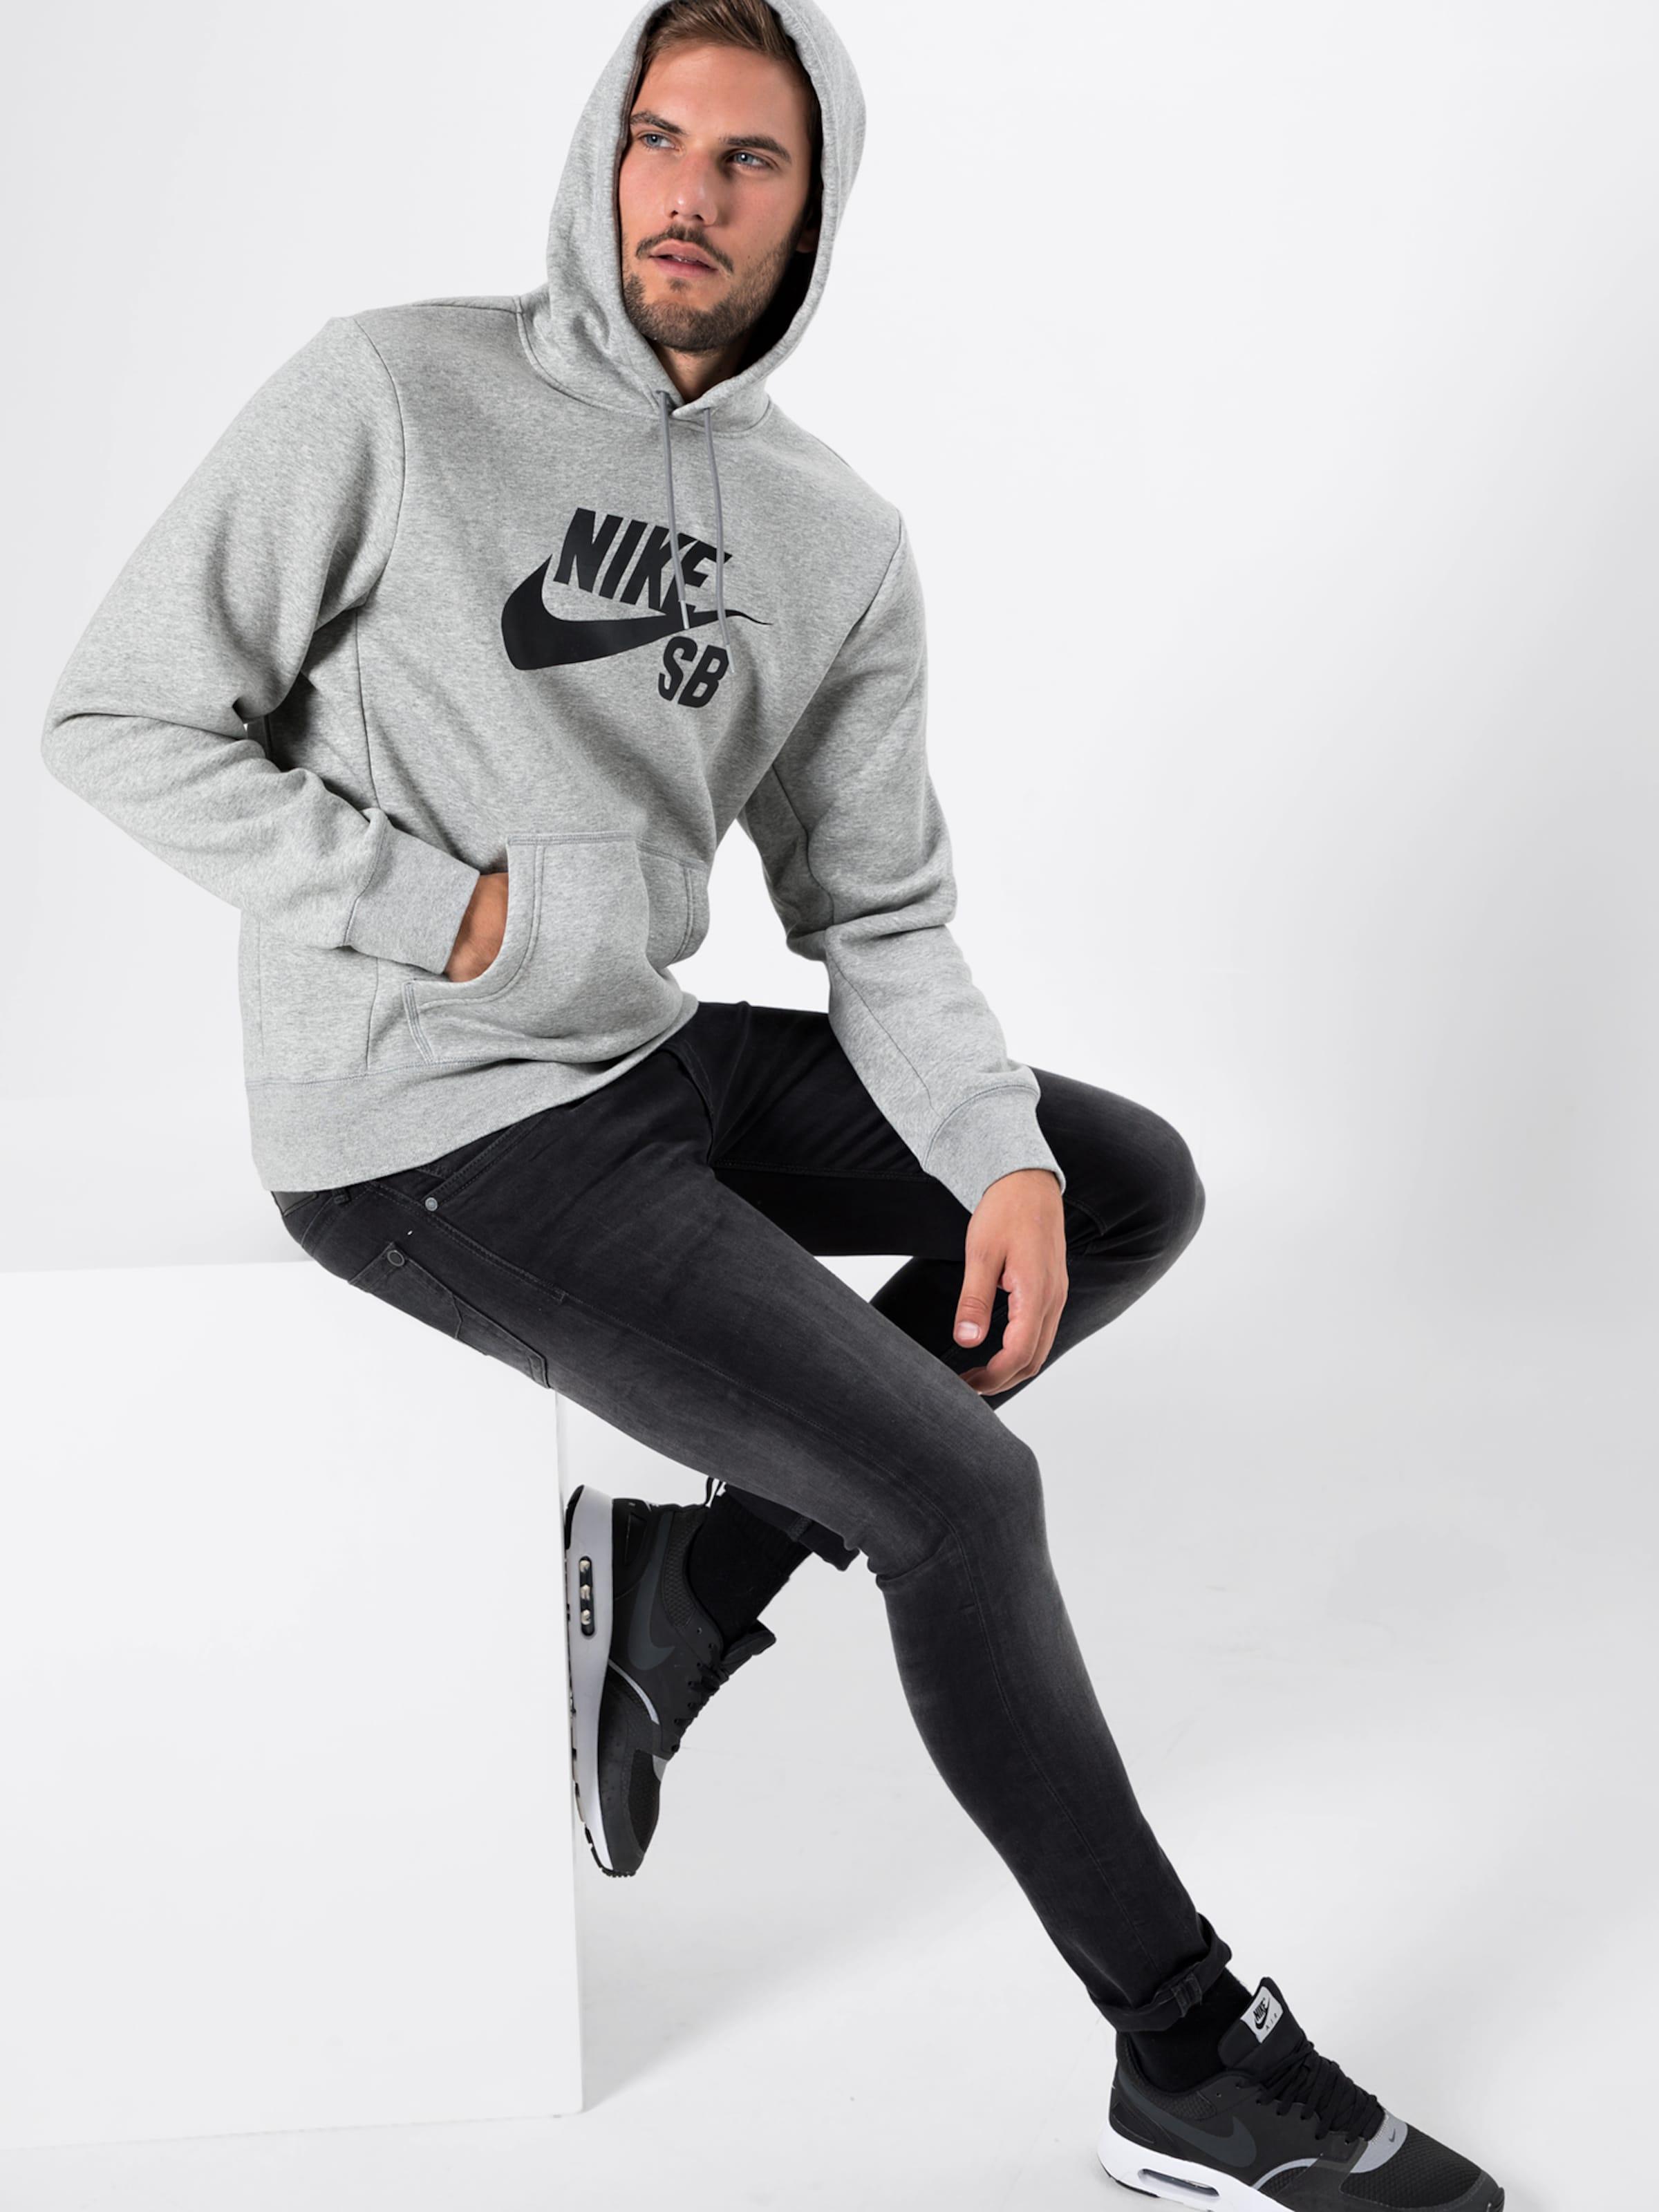 Nike Nike Hoodie In GraumeliertSchwarz Nike Sb Hoodie Sb In GraumeliertSchwarz 4Rjq5L3A